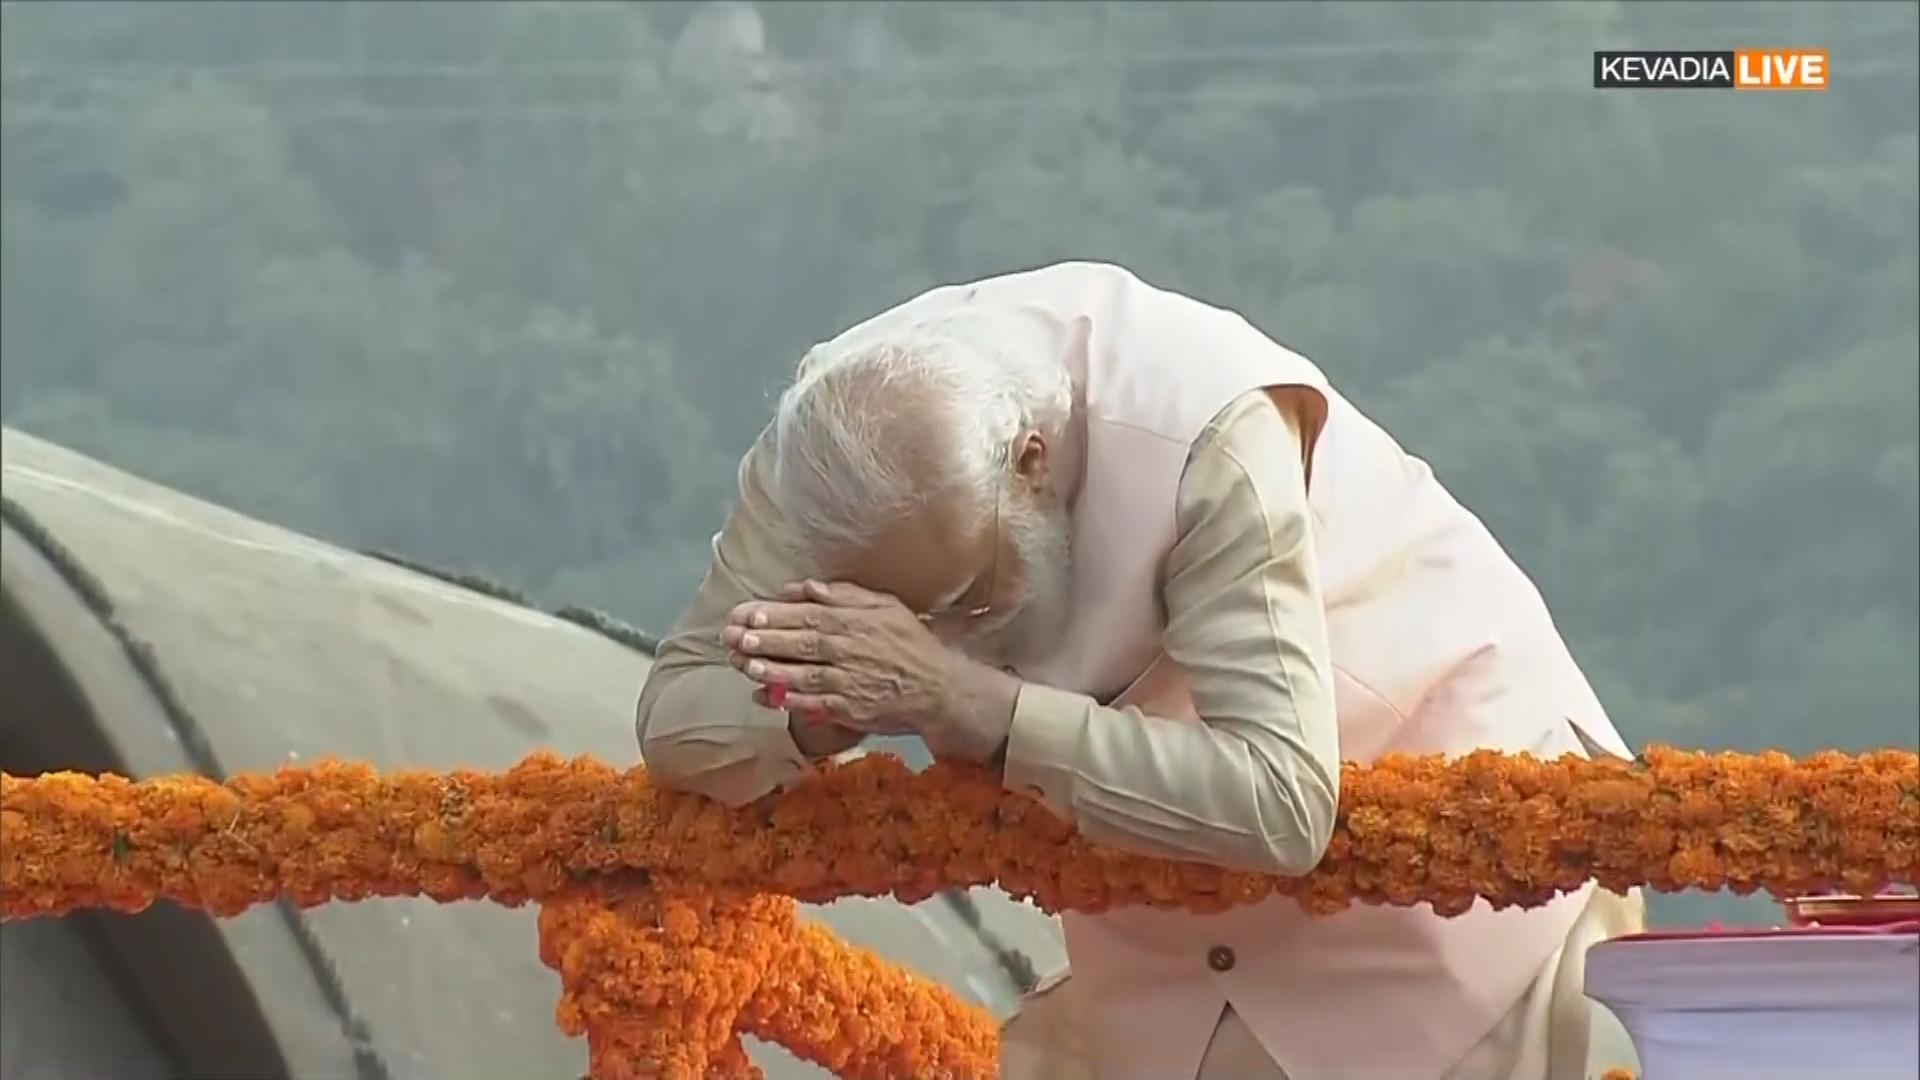 PM Modi ने स्टैच्यू ऑफ यूनिटी जाकर सरदार पटेल को दी श्रद्धांजलि